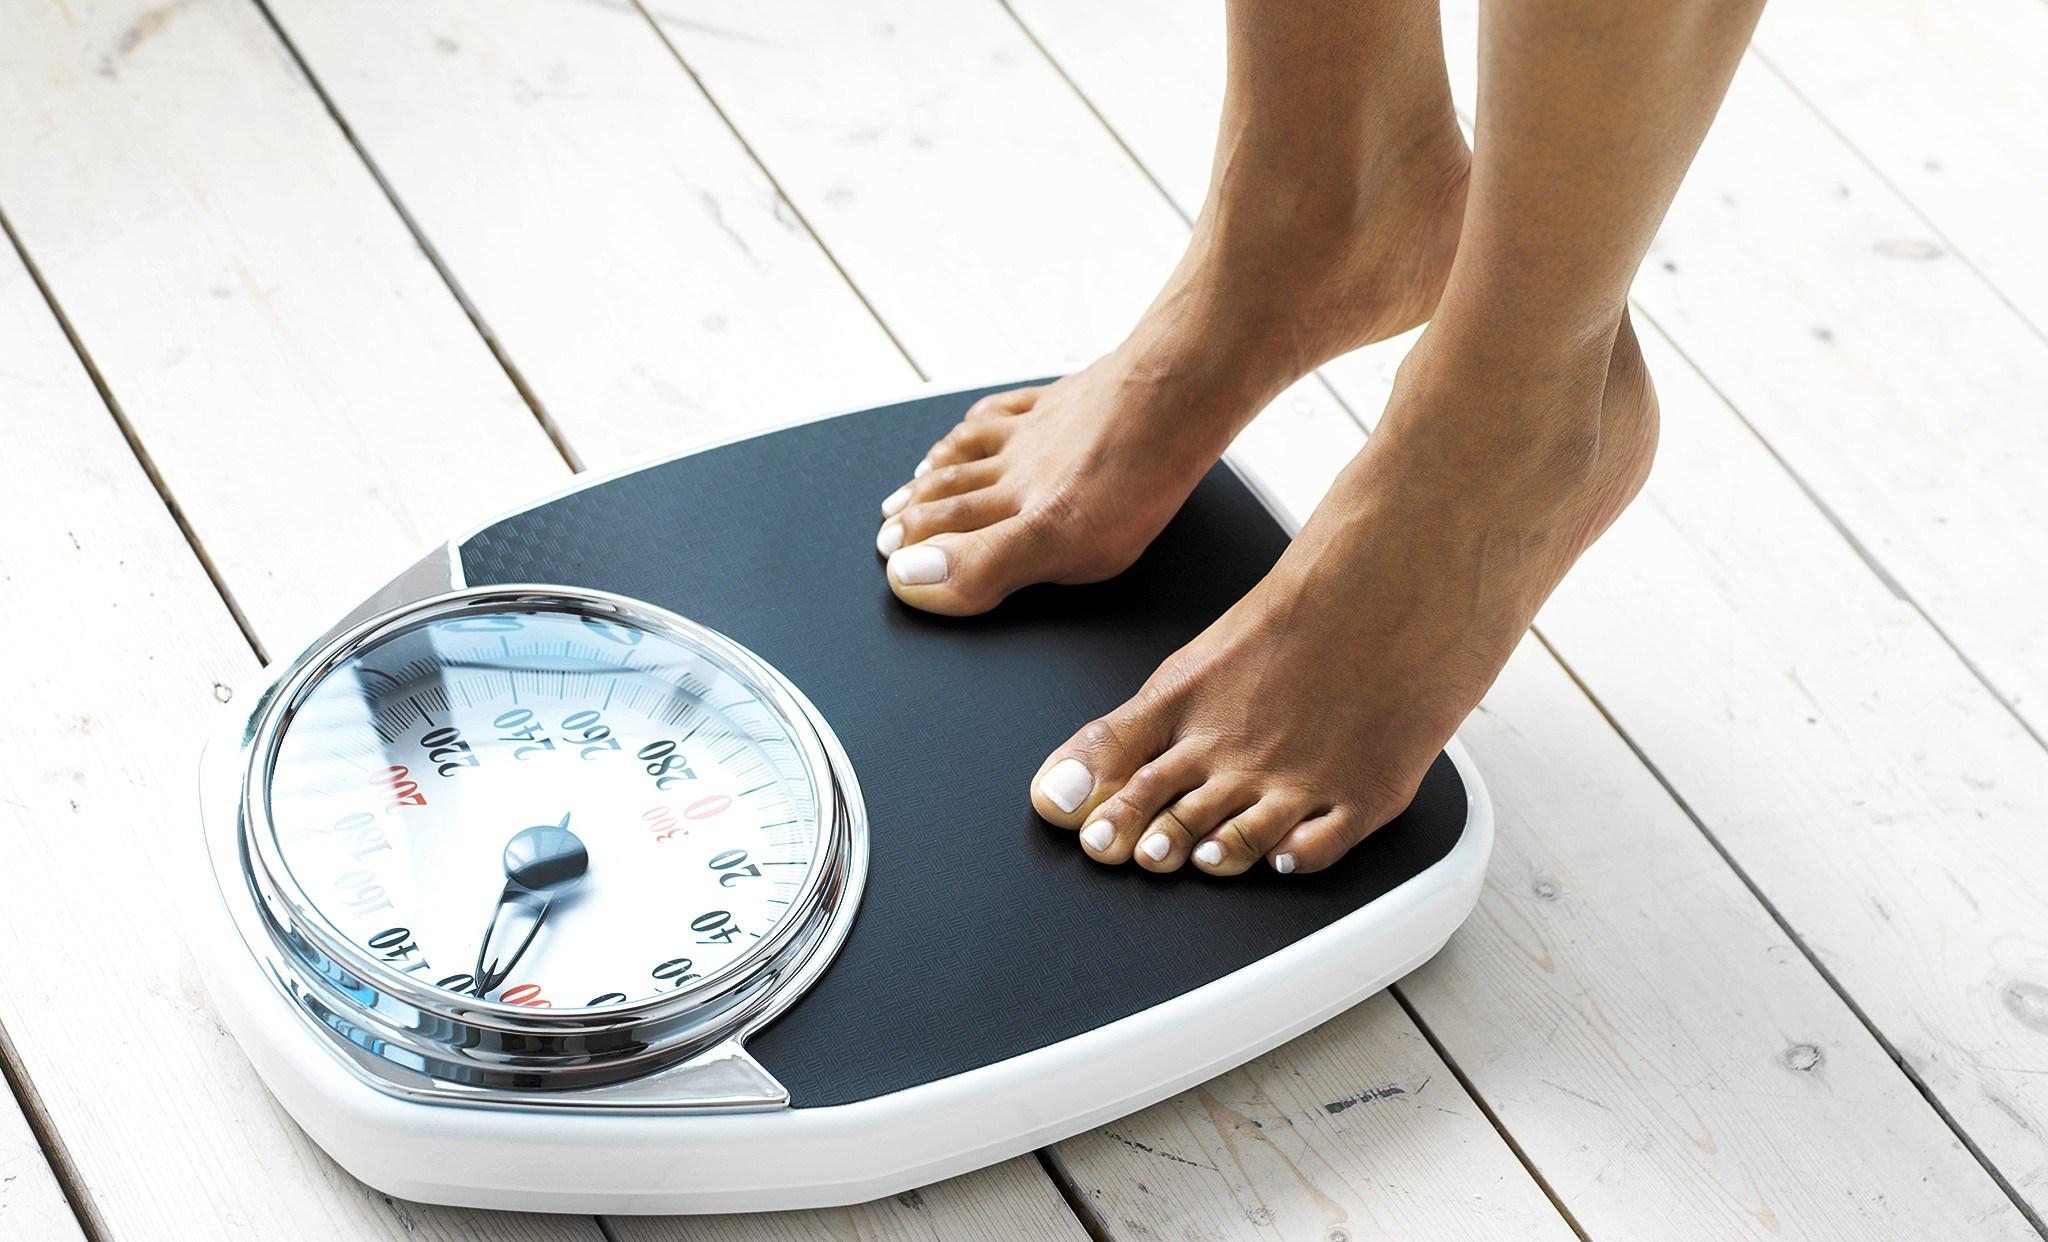 Какие напольные весы лучше: электронные или механические